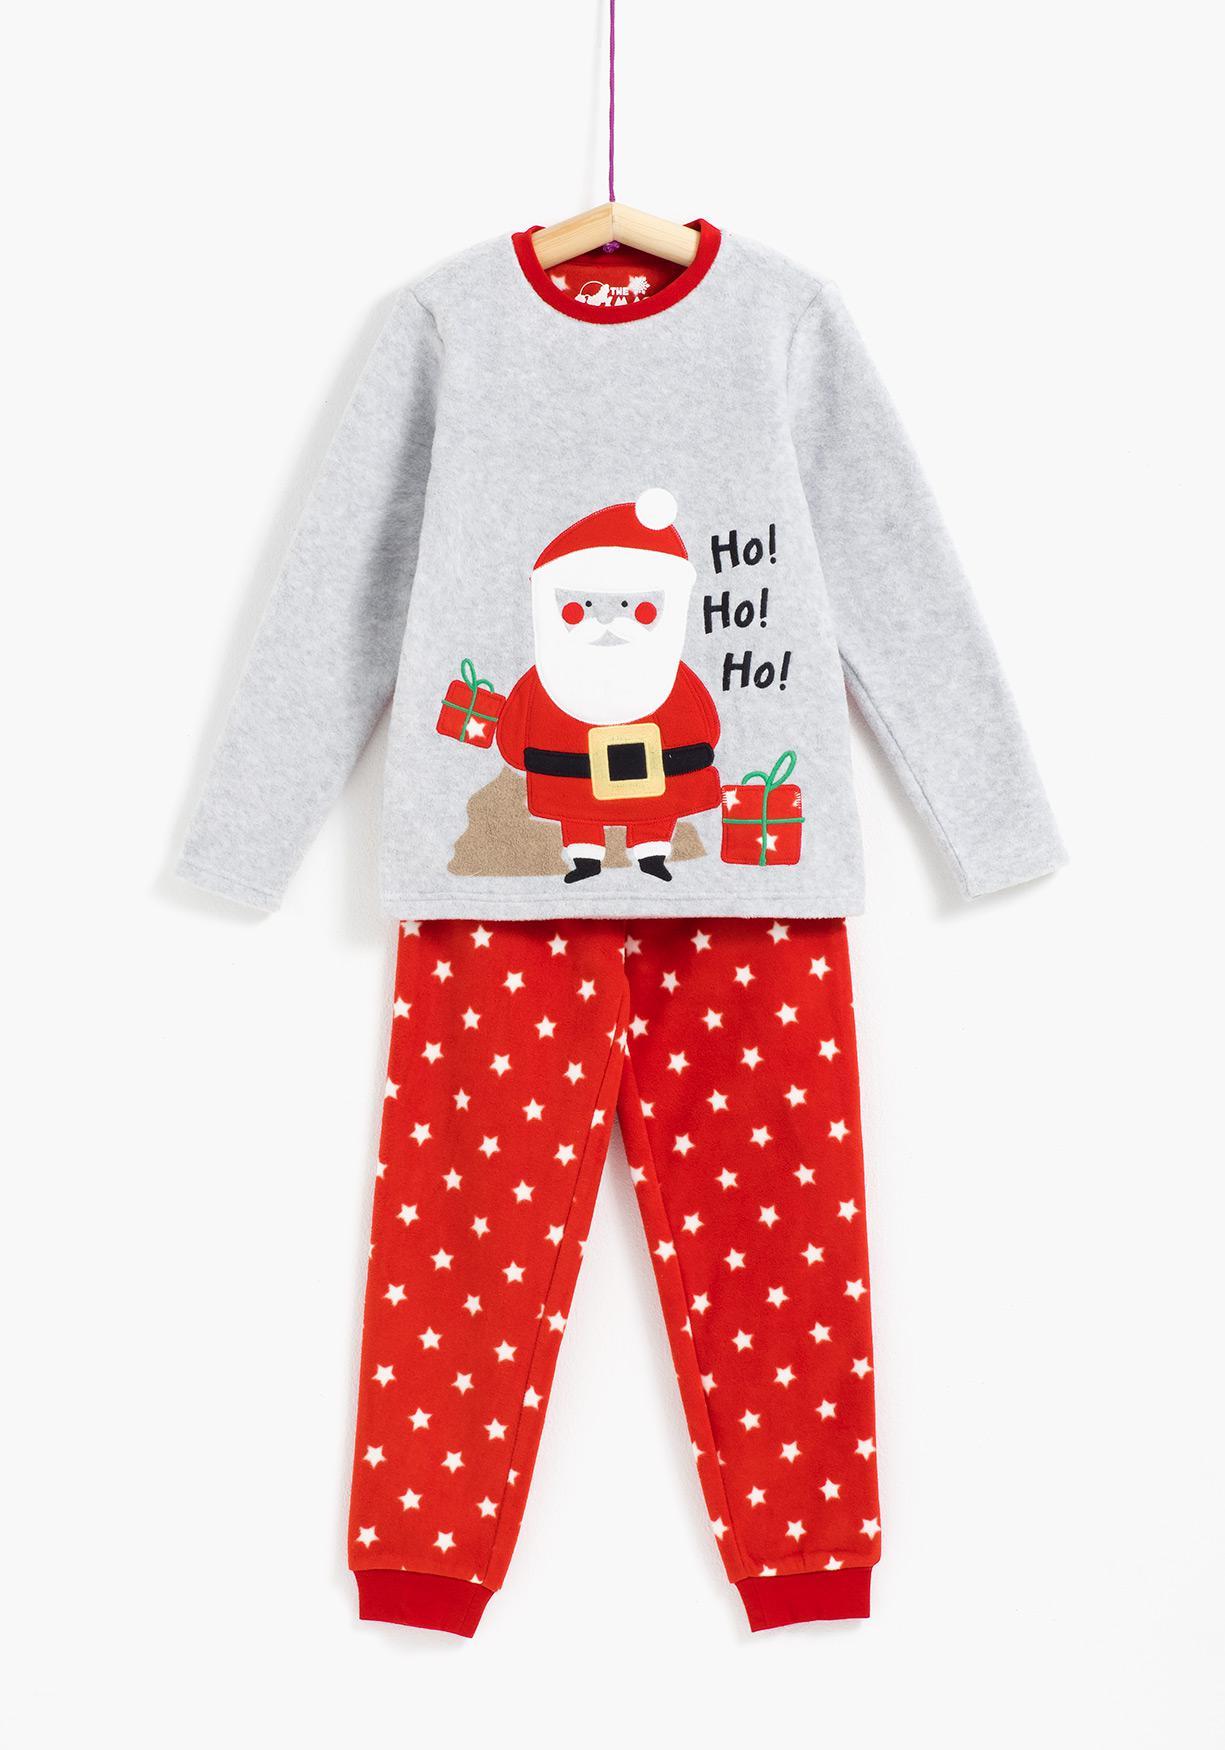 Comprar Pijama polar de Papá Noel TEX. ¡Aprovéchate de nuestros ... 97146449de1